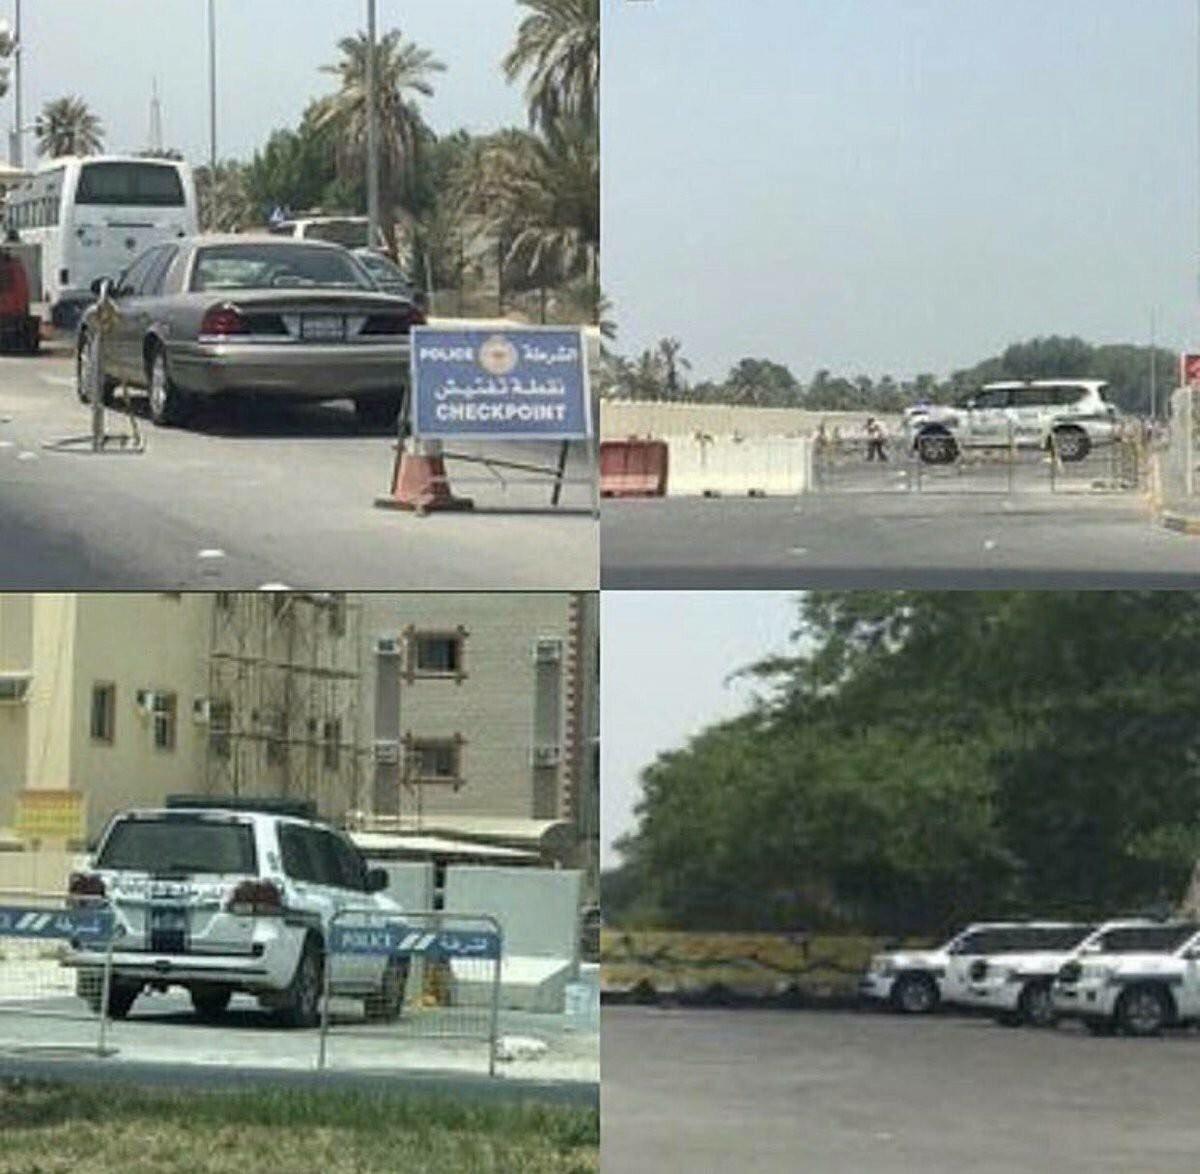 وفق النهج الصهيوني..الكيان الخليفيّ يواصل منع شعائر صلاة الجمعة في البحرين